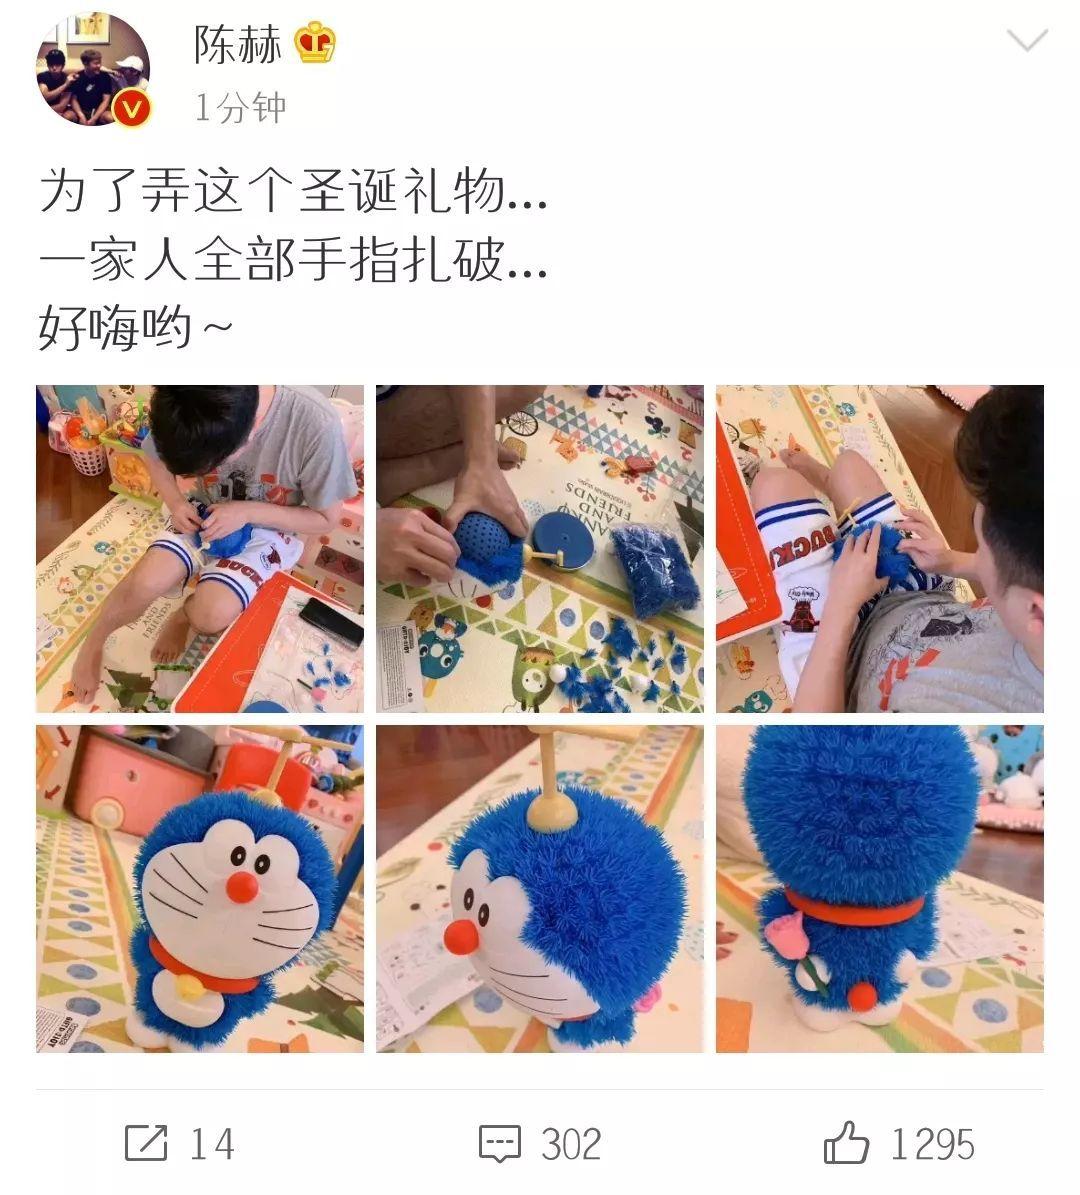 陈赫更博晒圣诞礼物 全家人一起手工制作 收礼的人很重要啊